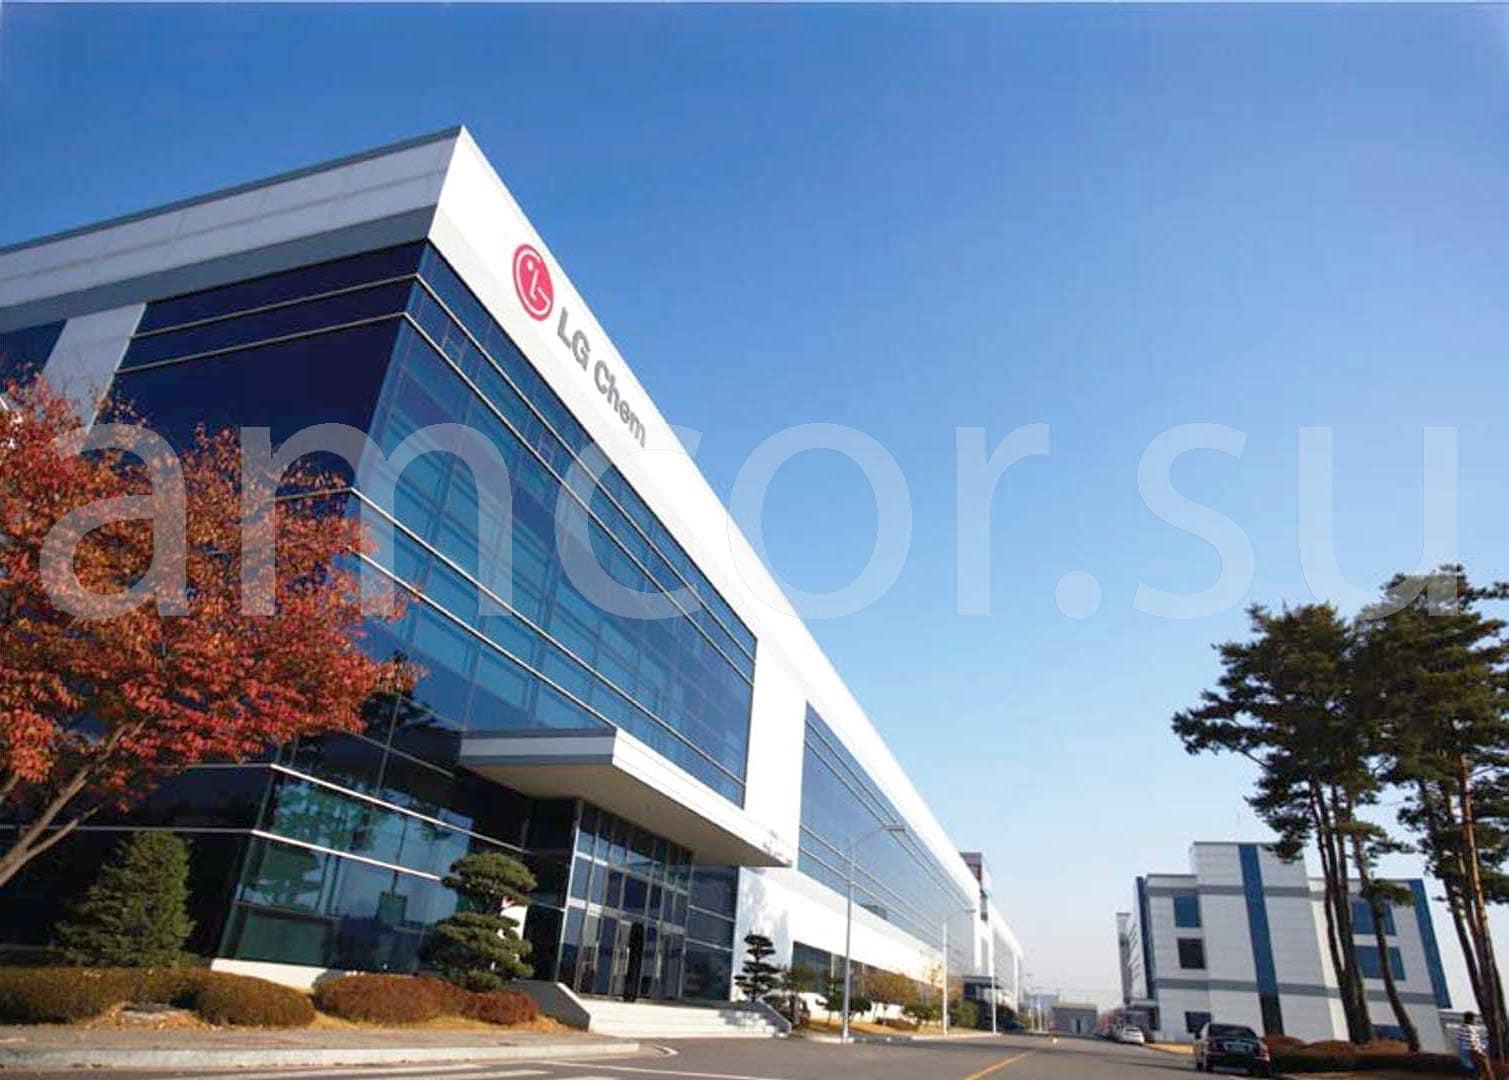 Заказать поставку мембран LG Chem в России и СНГ от официального производителя.